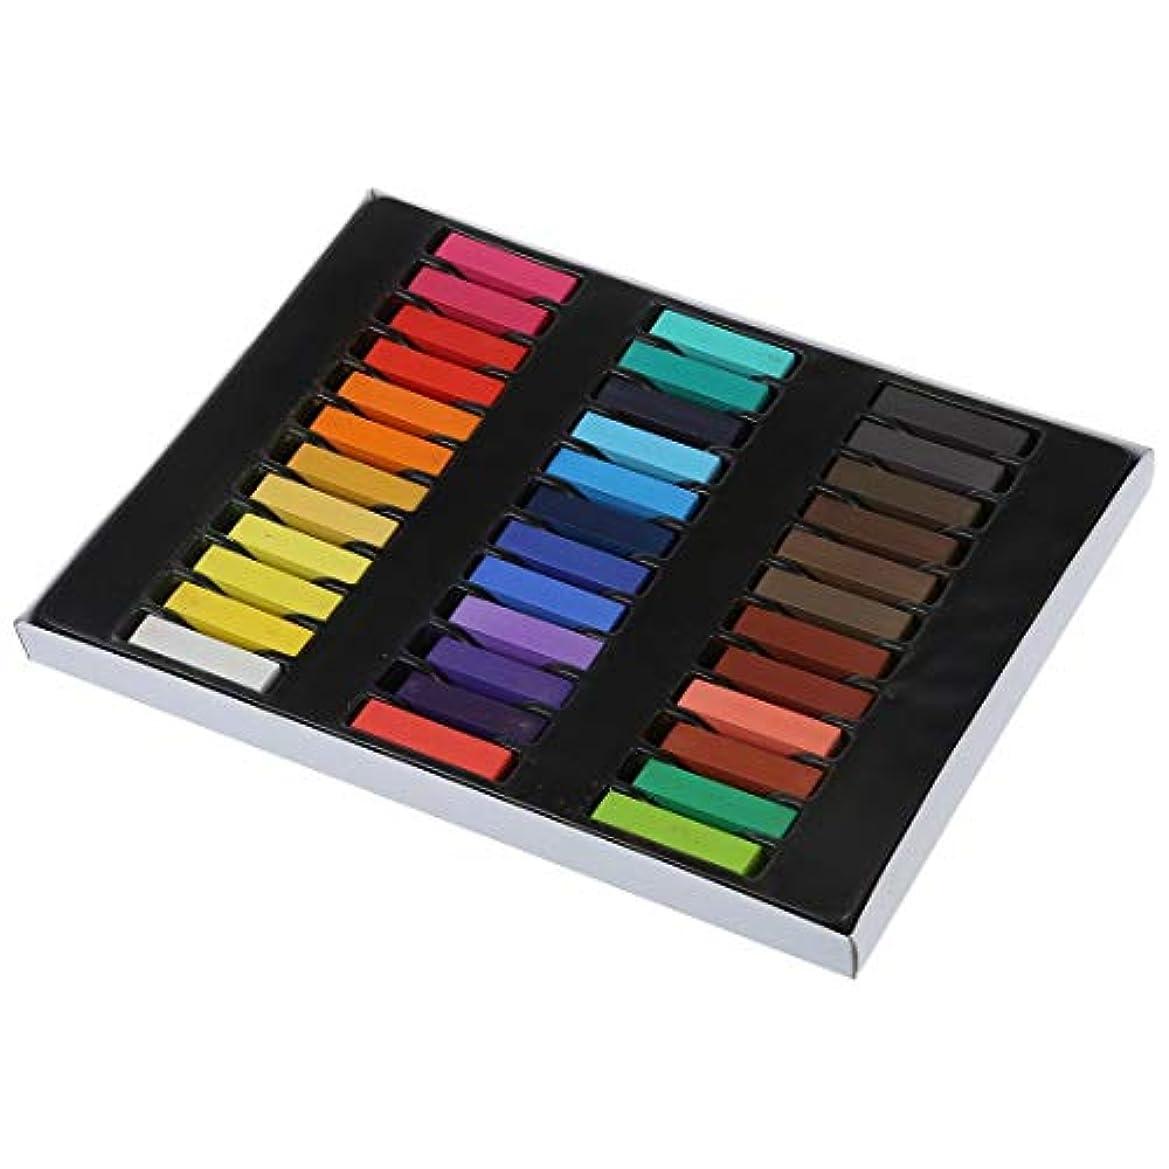 鍔実質的地獄36色の髪のチョーク有色の鉛筆 一時サロンキット パステル、ボックス付き 丈夫